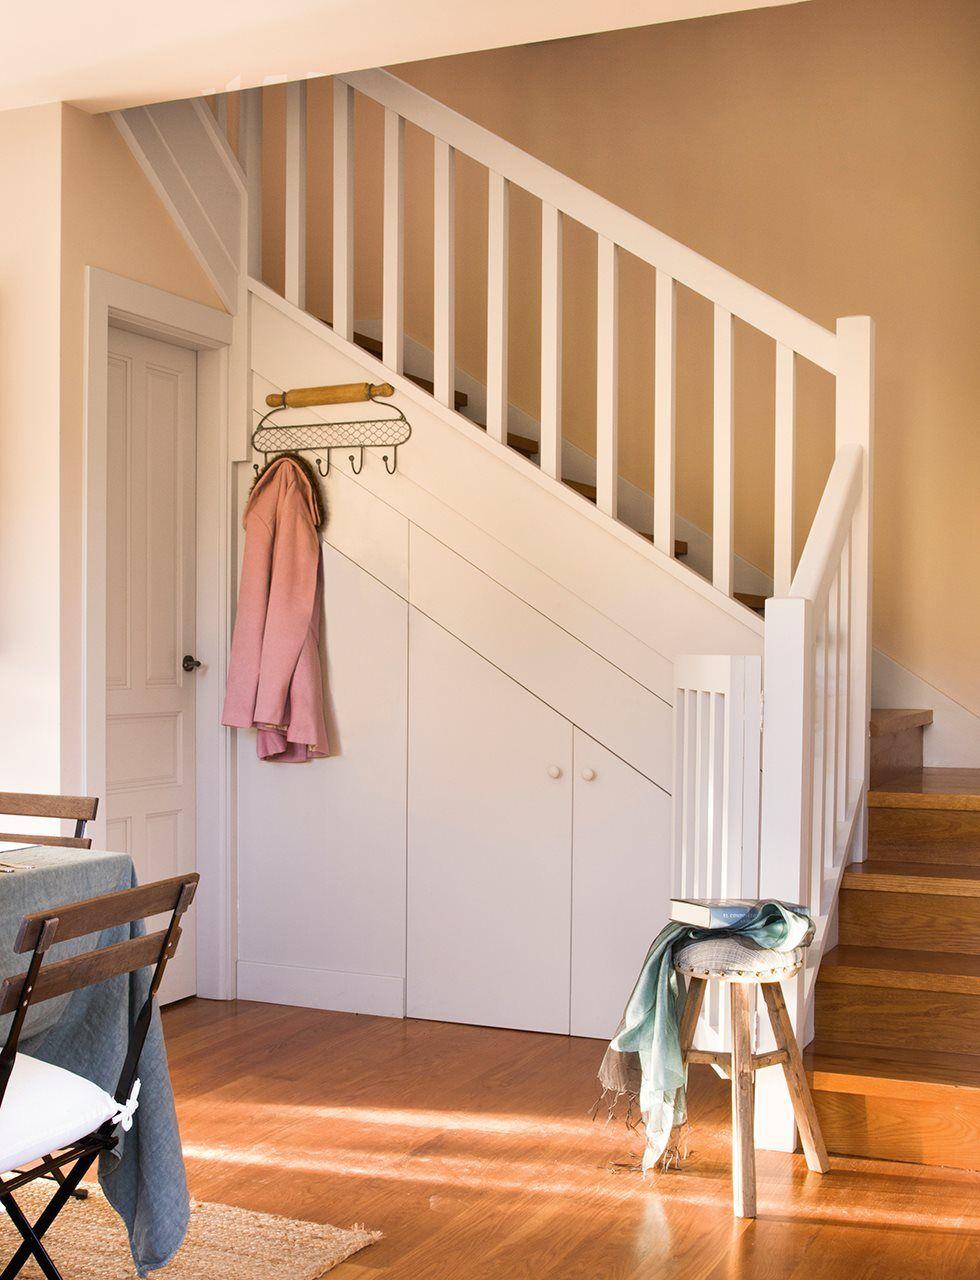 Armario aprovechando el hueco de las escaleras un minitrastero en